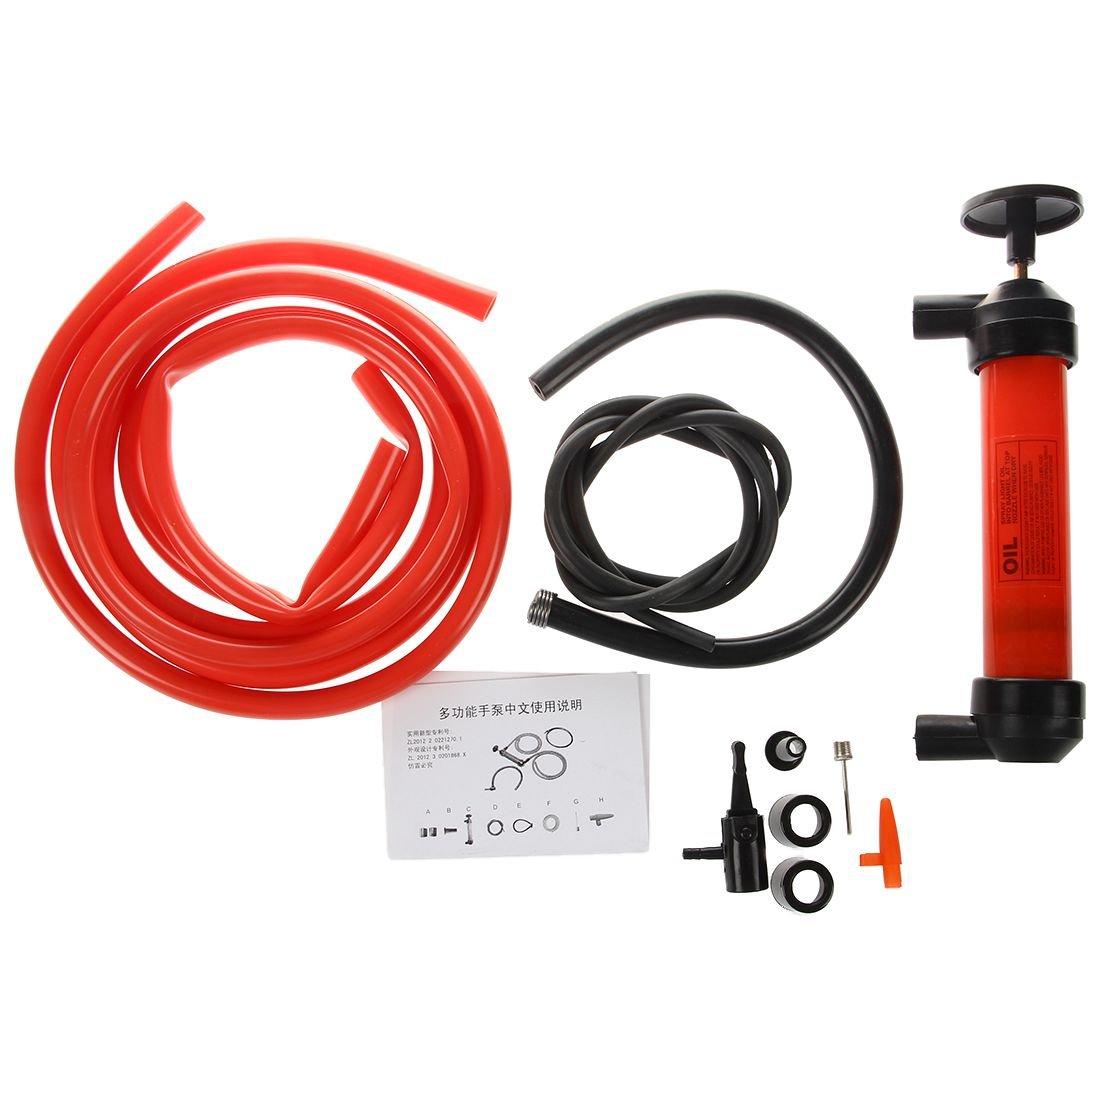 Toogoo Car Water Oil Fuel Change Transfer Gas Liquid Pipe Siphon Tool Air Pump Kit by Toogoo (Image #1)